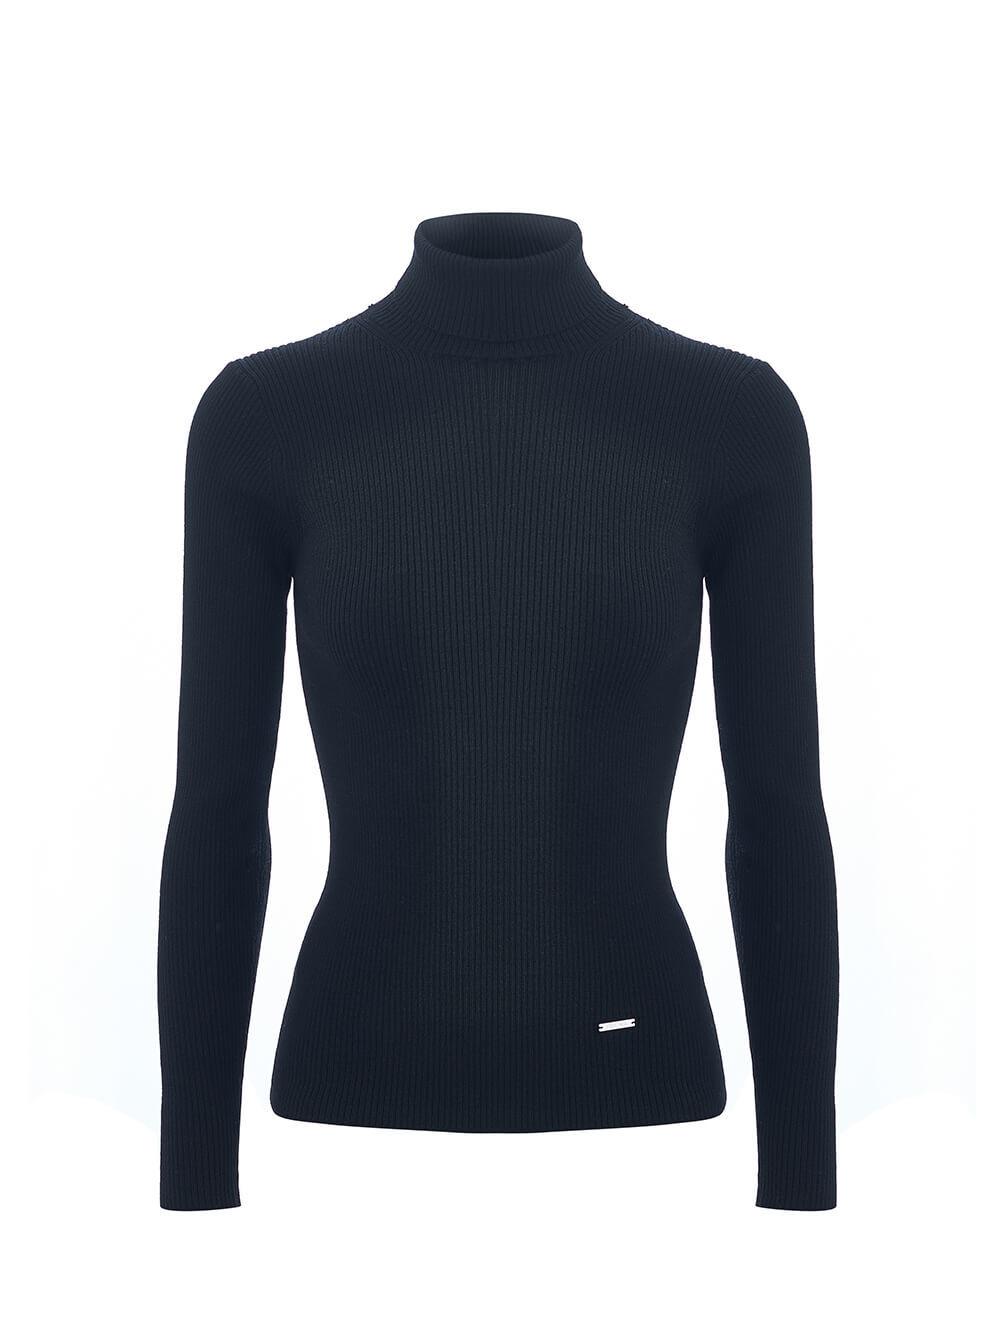 Женская водолазка черного цвета из 100% шерсти - фото 1